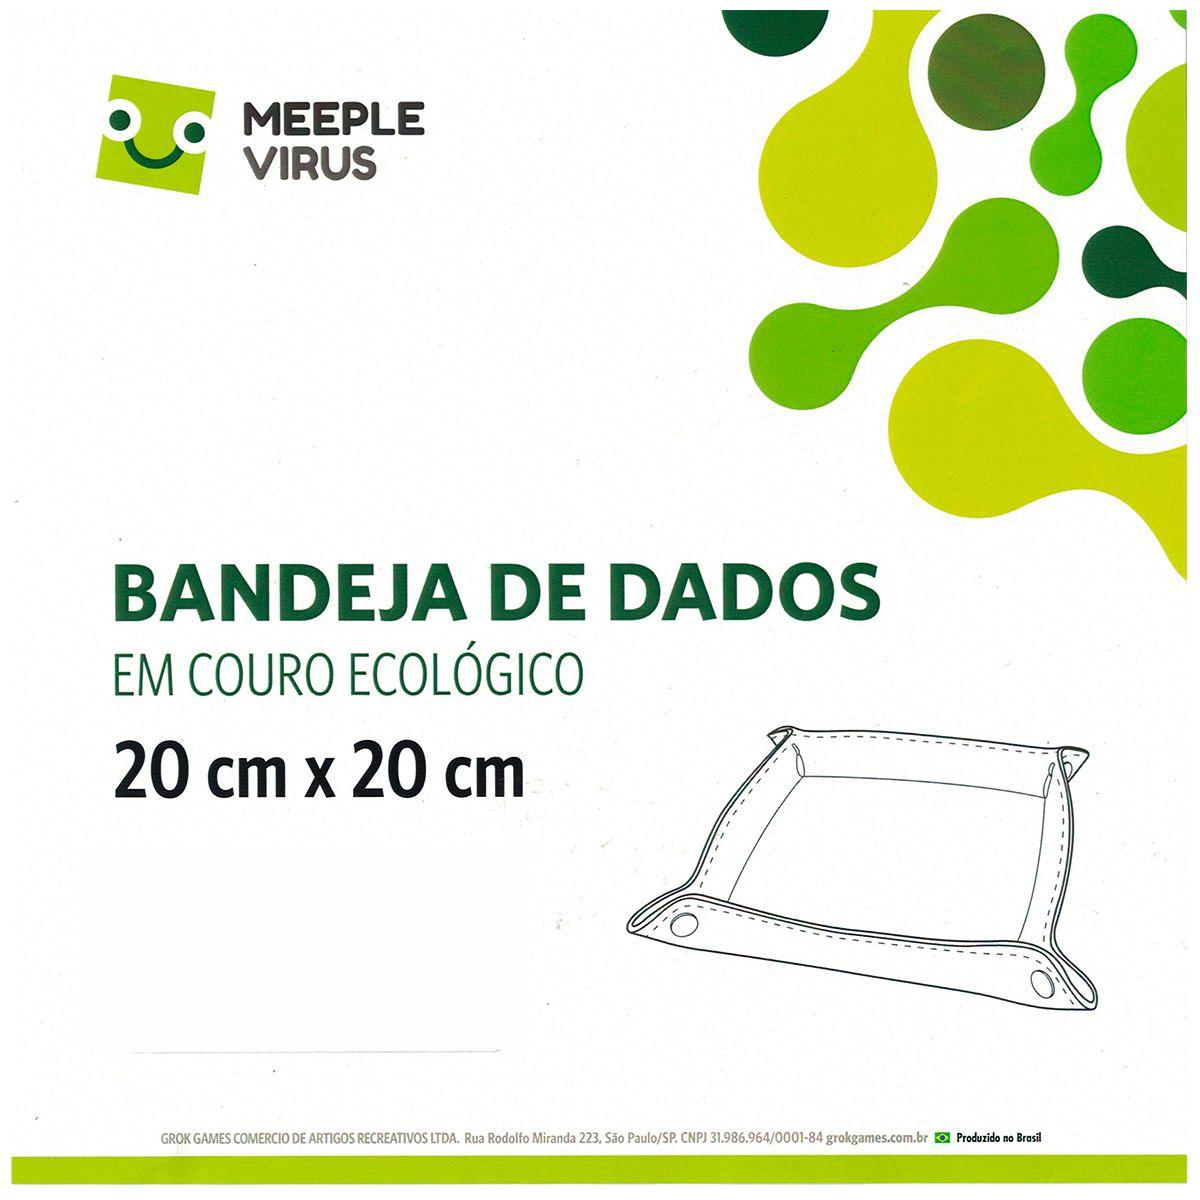 Bandeja de Dados em Couro Ecológico 20 x 20 cm Meeple Virus